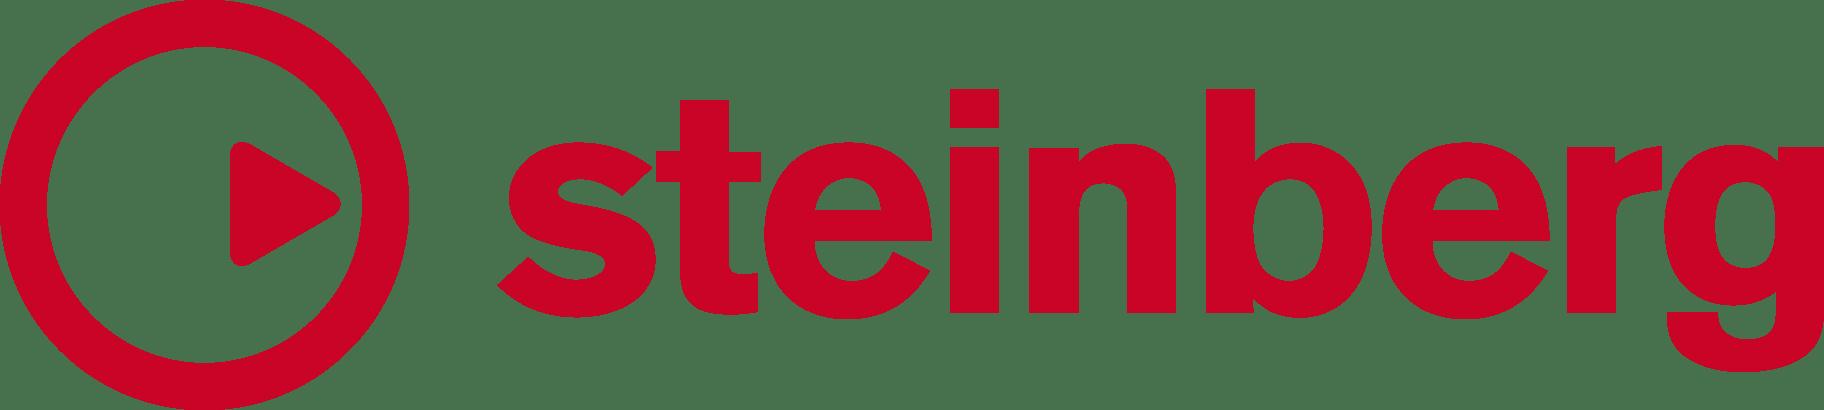 Télephone information entreprise  Steinberg